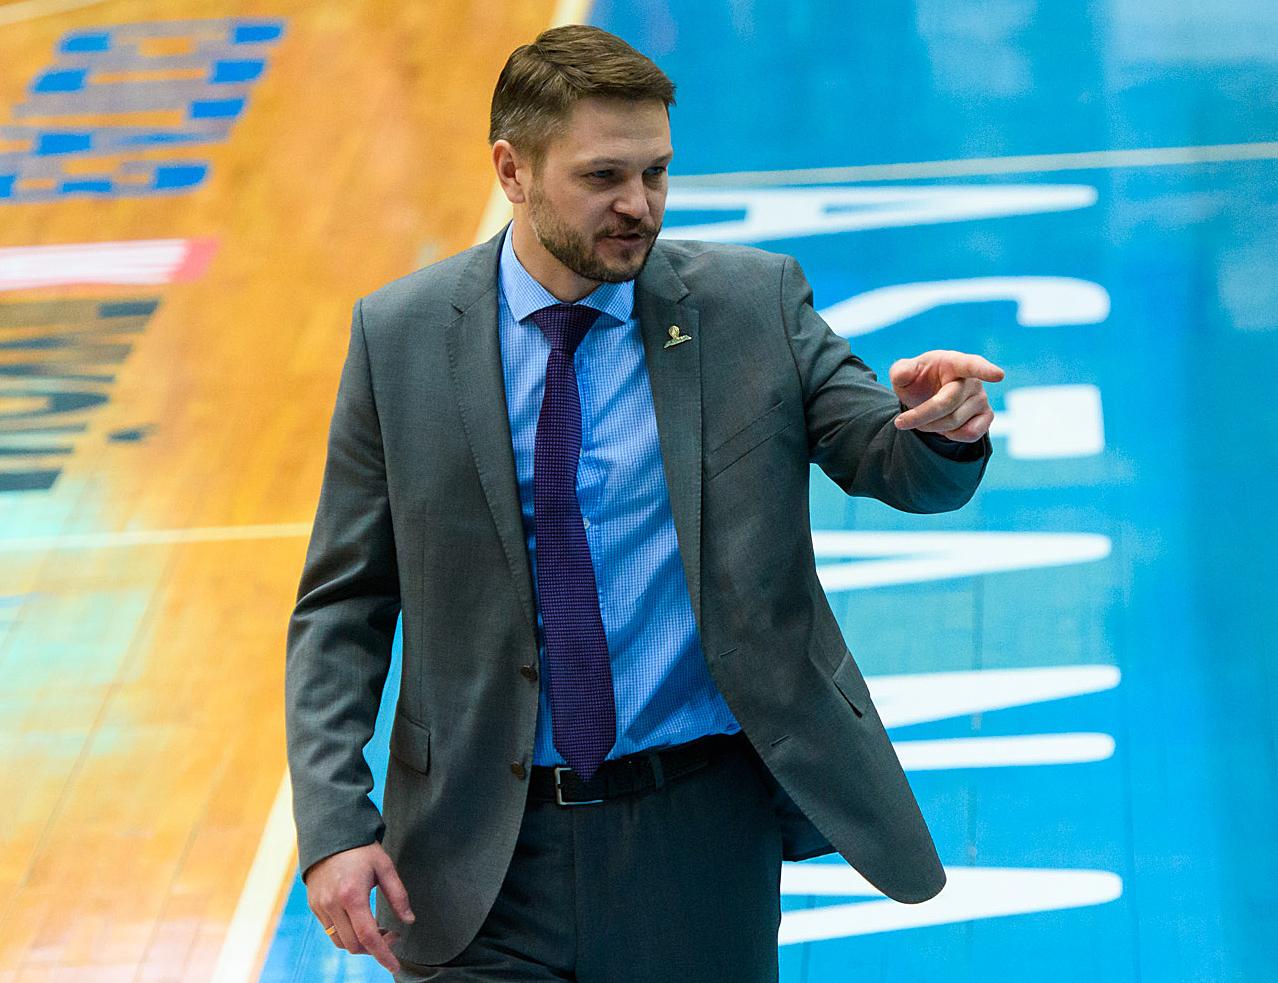 Российский тренер в «Астане». Он уже обыграл «Зенит» и верит, что это только начало